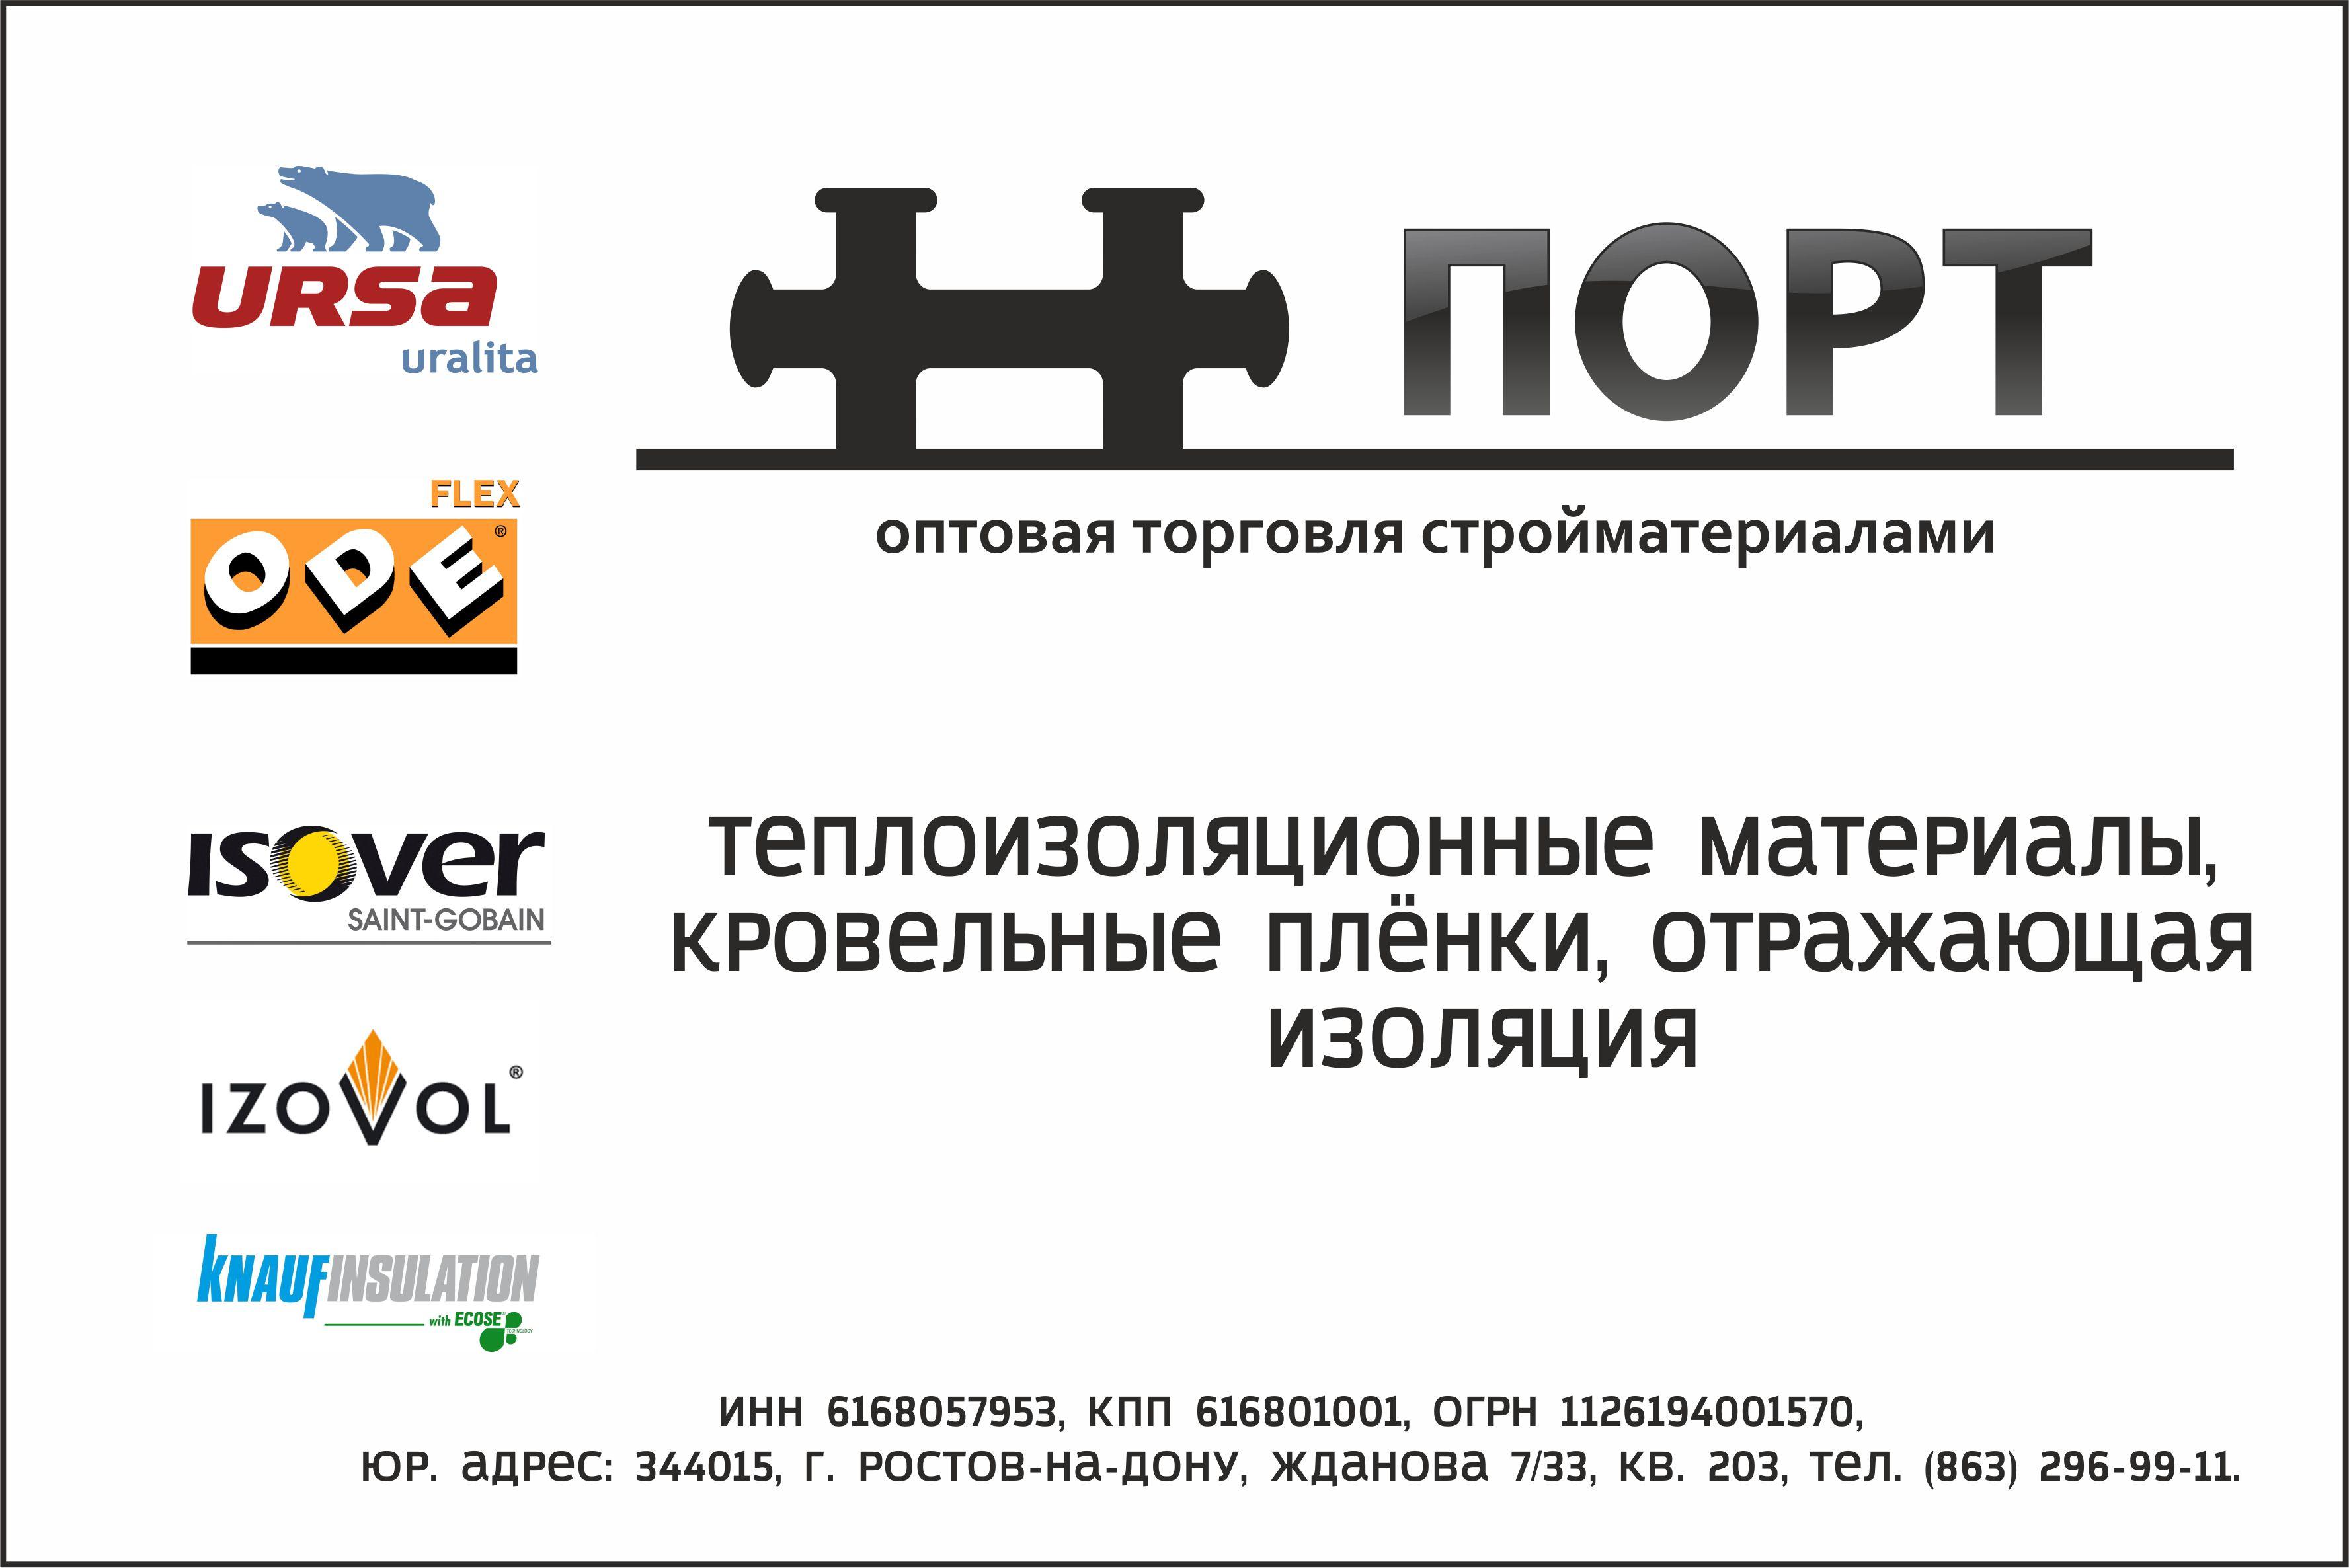 Изготовленная в нашей компании табличка на дверь кабинета в офисе Ростова-на-Дону.